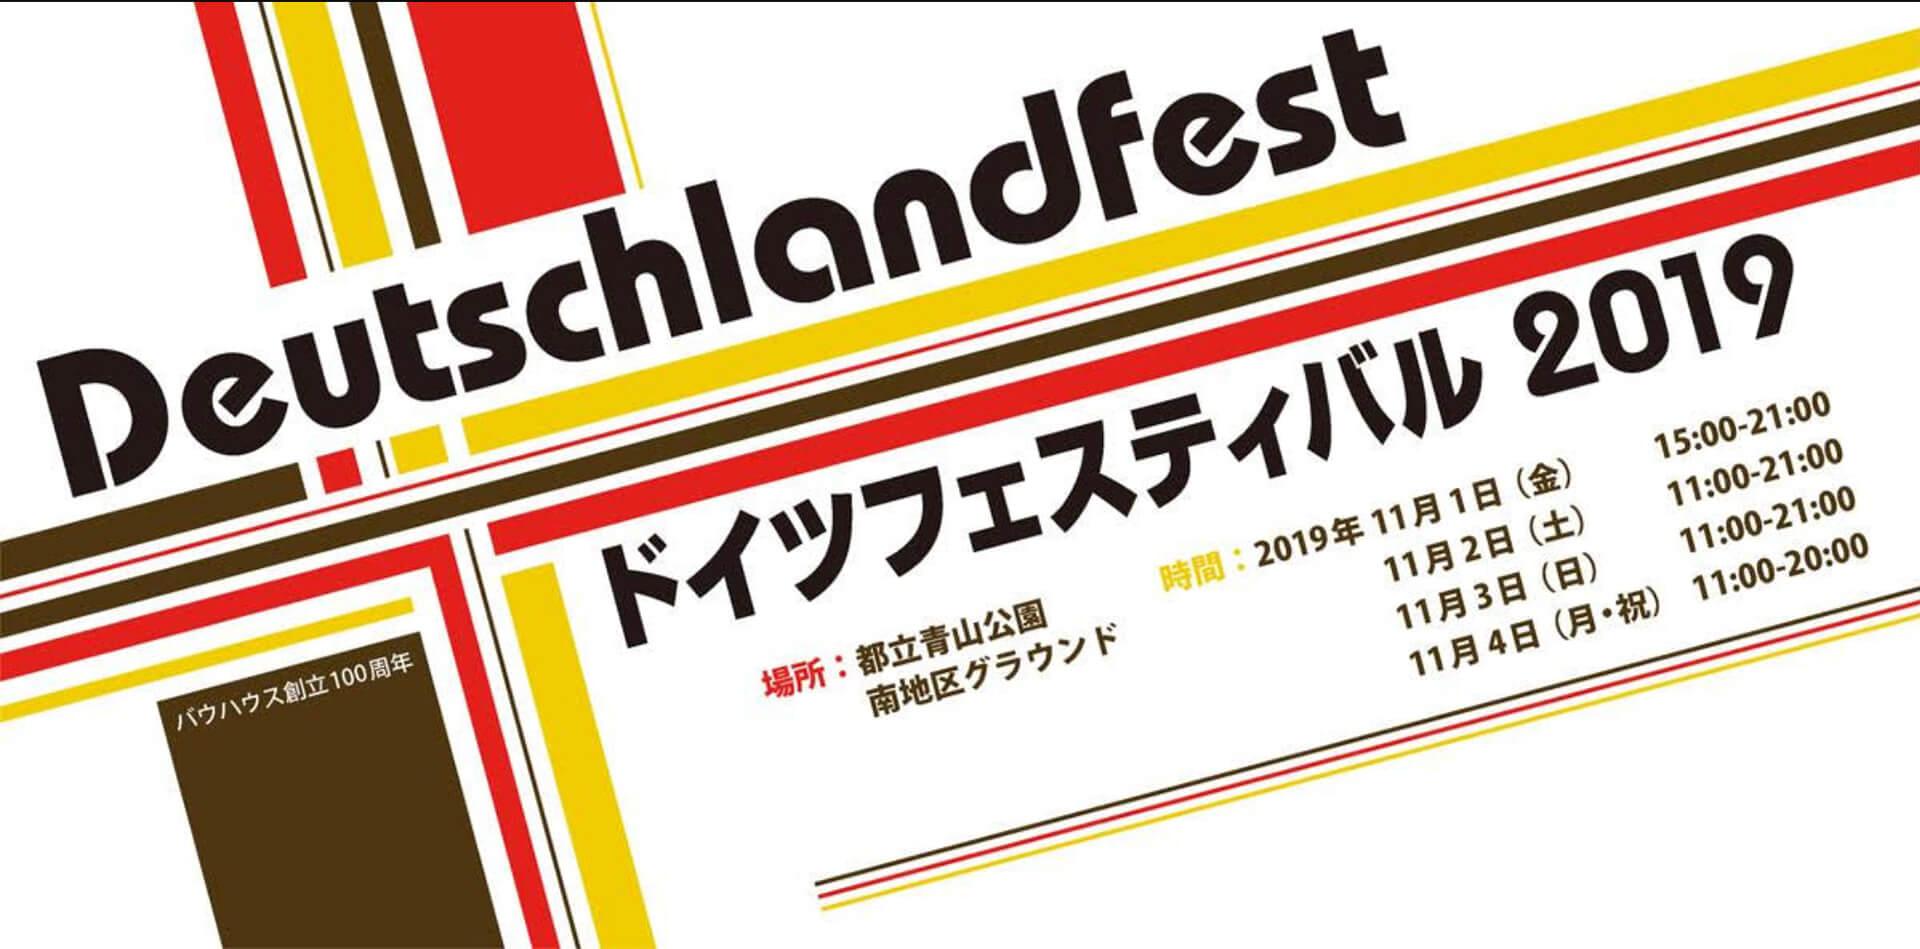 ドイツフェスティバル2019メインビジュアル